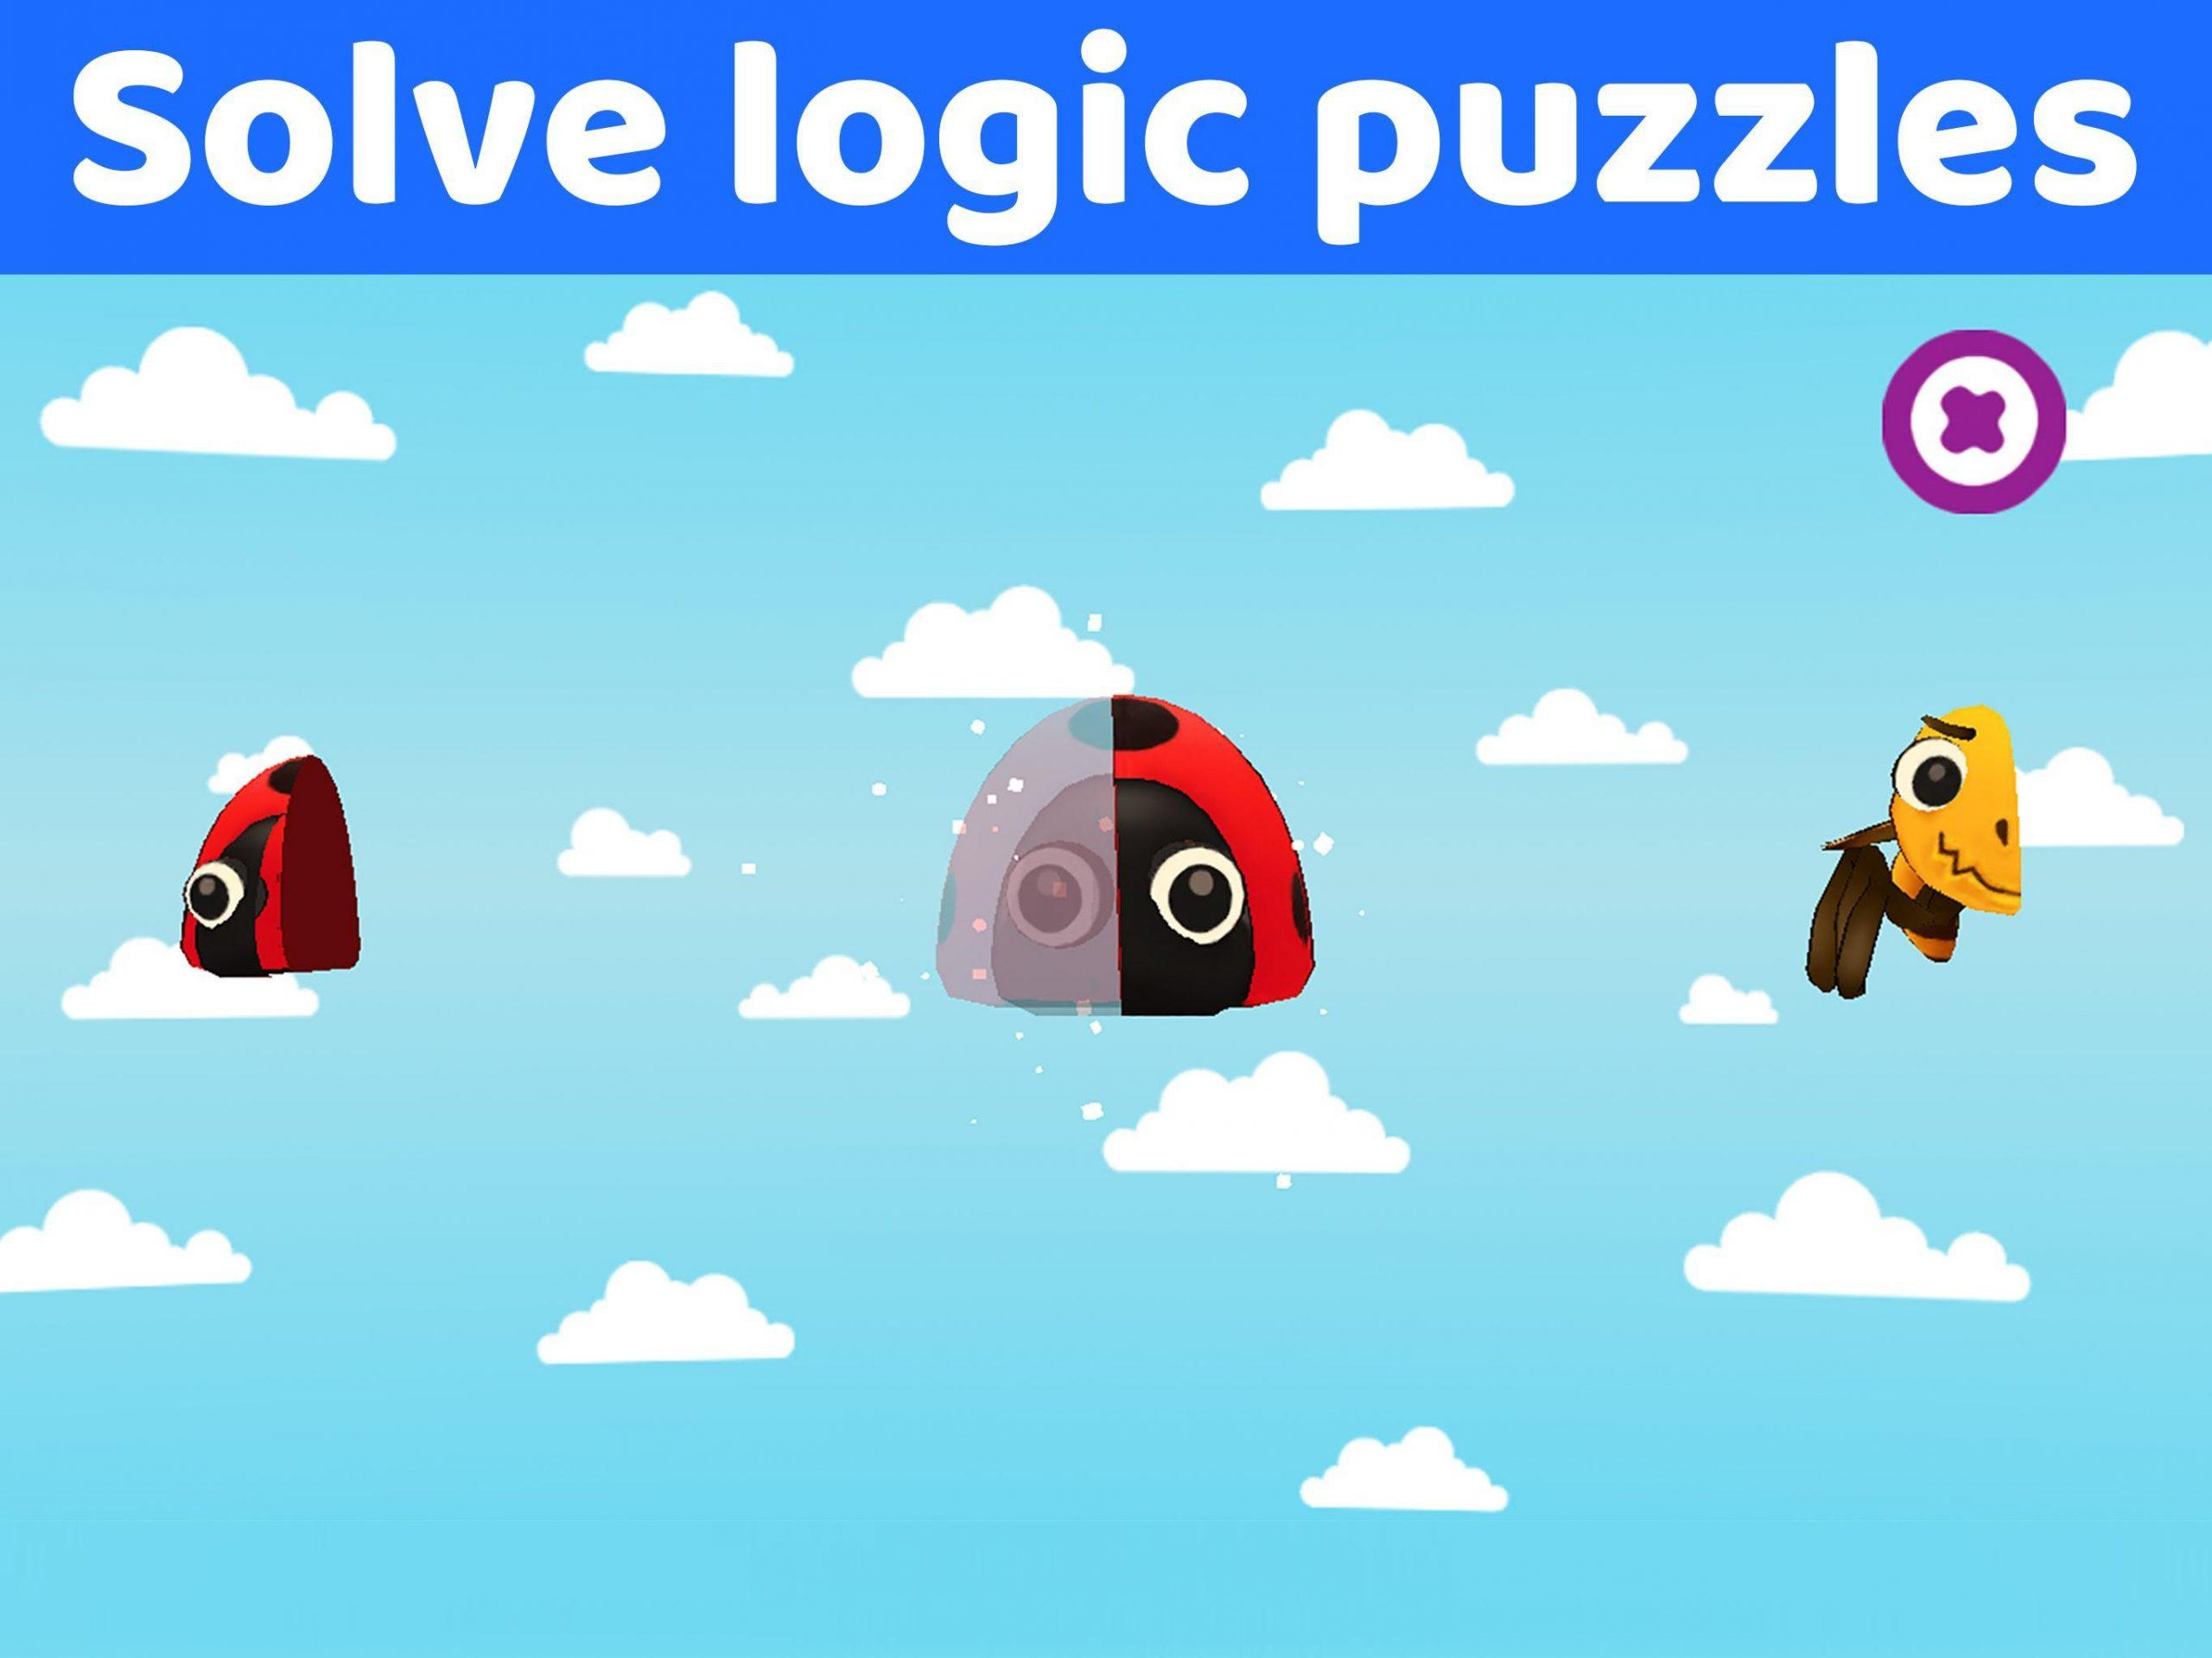 Puzzle Animaux Pour Enfant. Alphabet Jeux Fille Pour Android pour Jeux Animaux Pour Fille